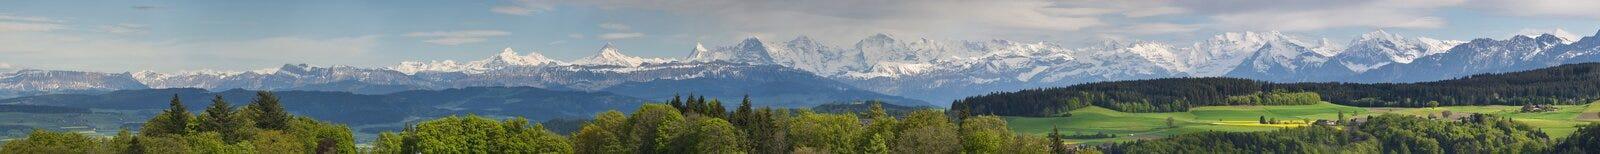 alps widok panoramiczny szwajcarski Obraz Royalty Free